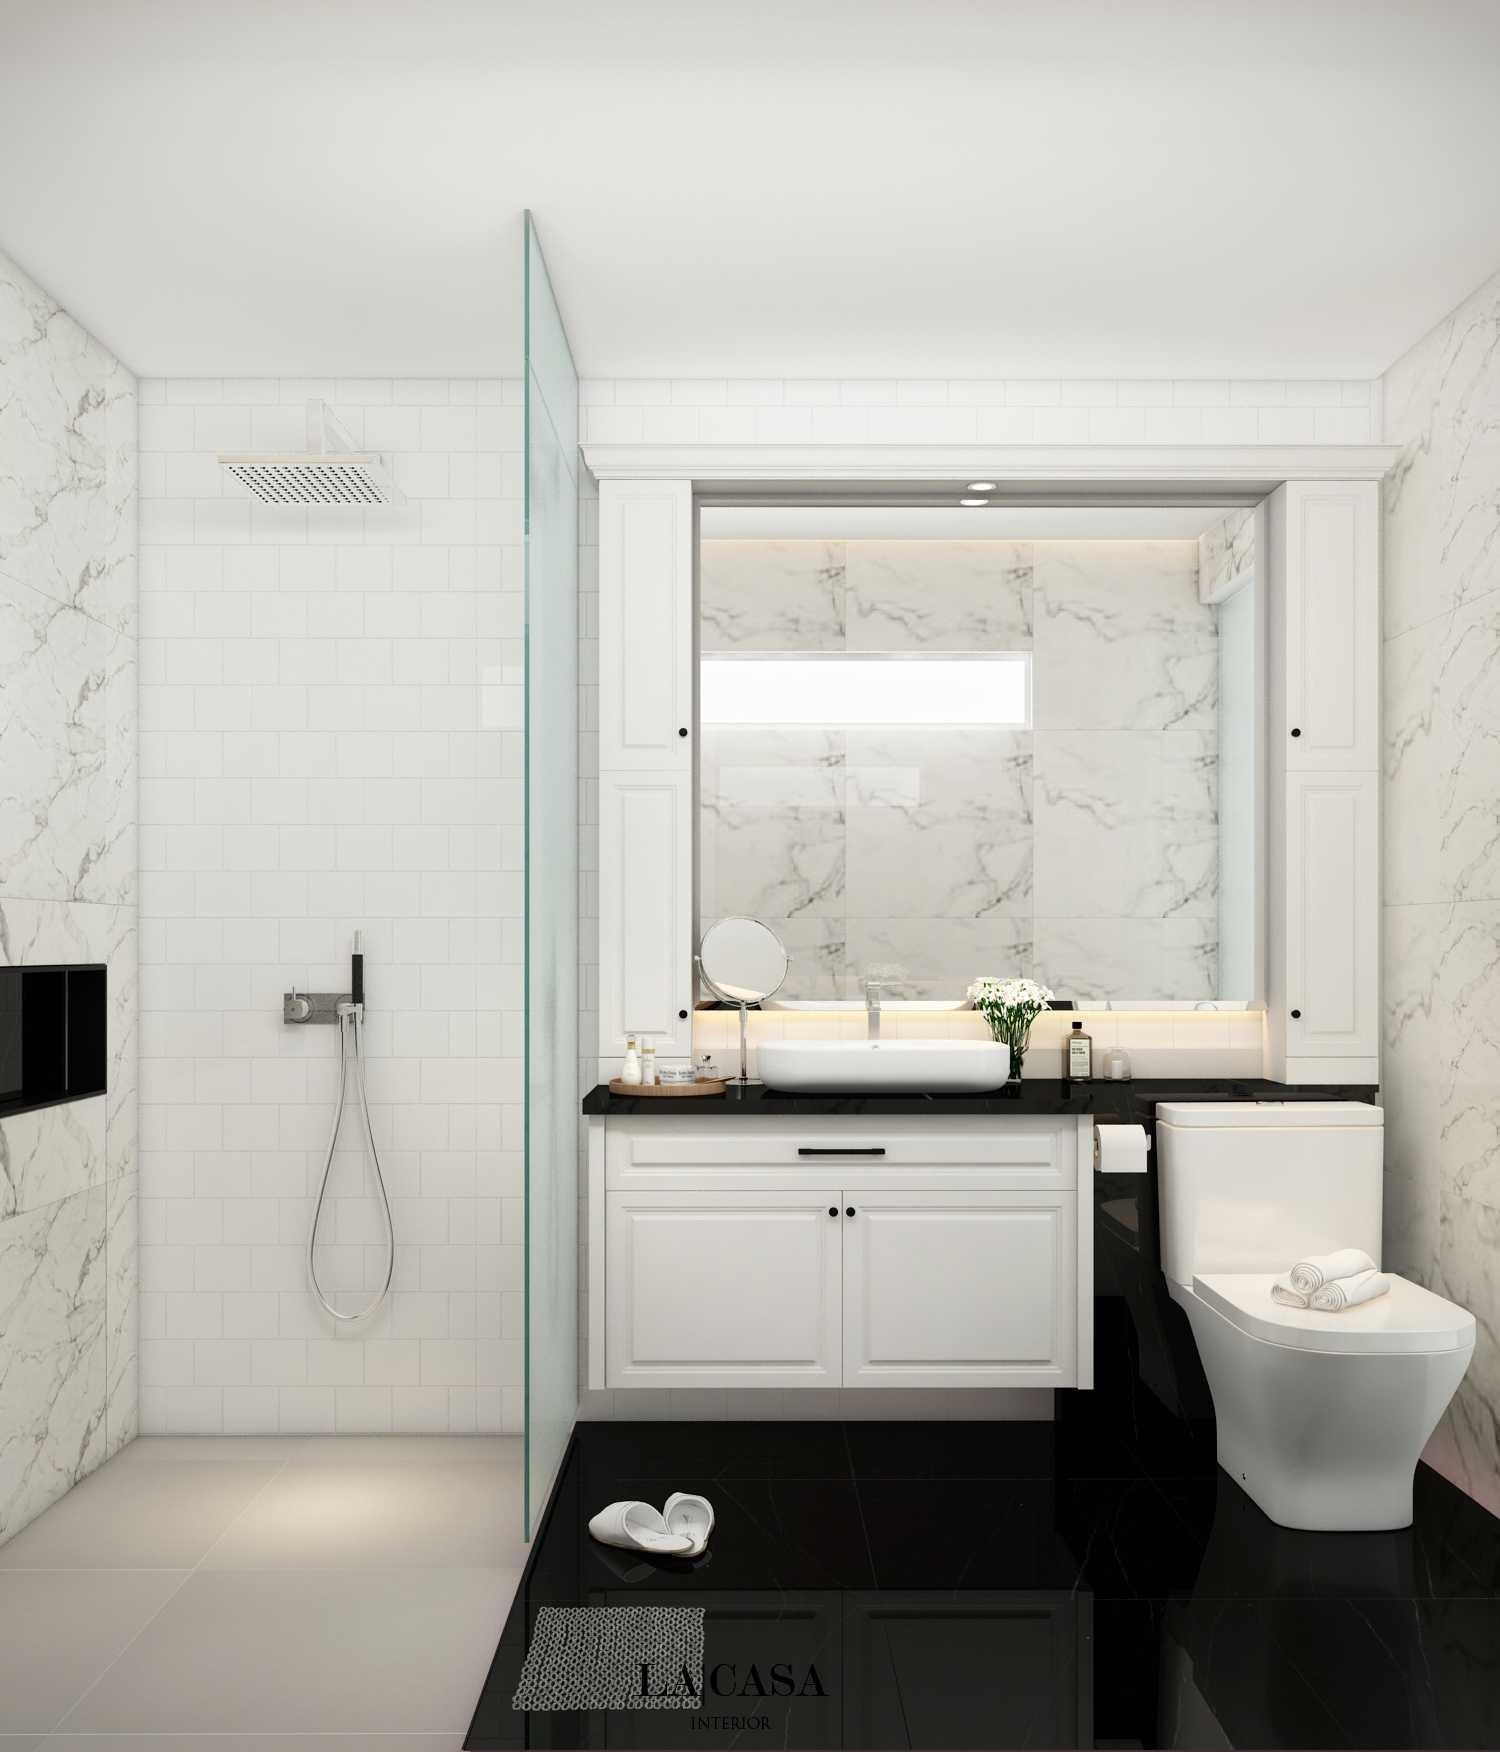 La.casa J's Bedroom Kota Medan, Sumatera Utara, Indonesia Kota Medan, Sumatera Utara, Indonesia Bathroom Victorian,modern  38253